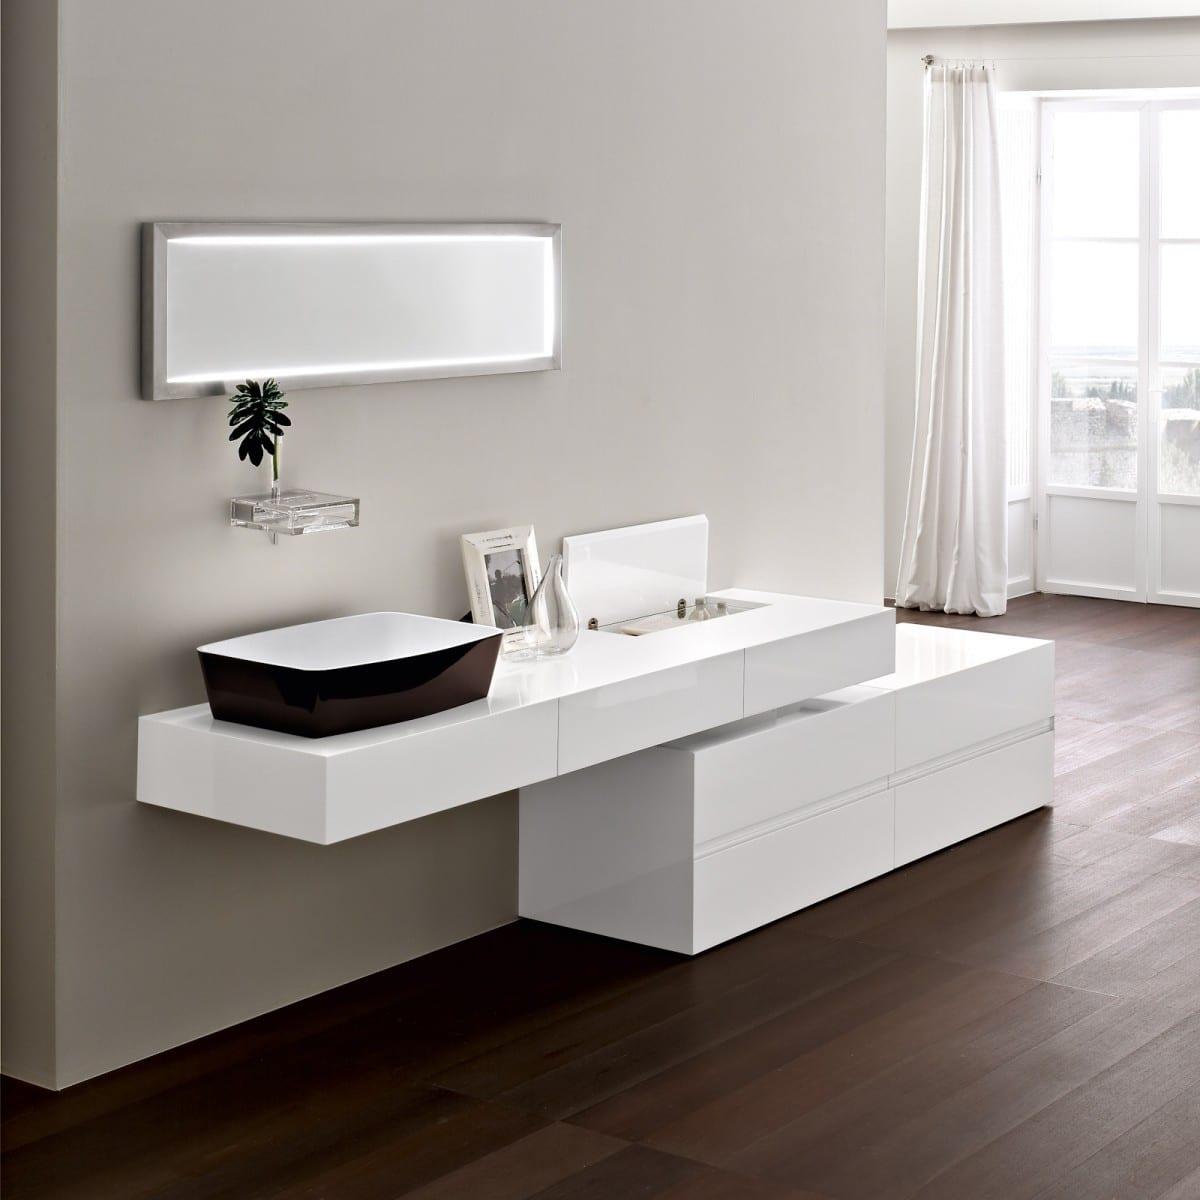 Diseño de cuartos de baño modernos [Fotos]